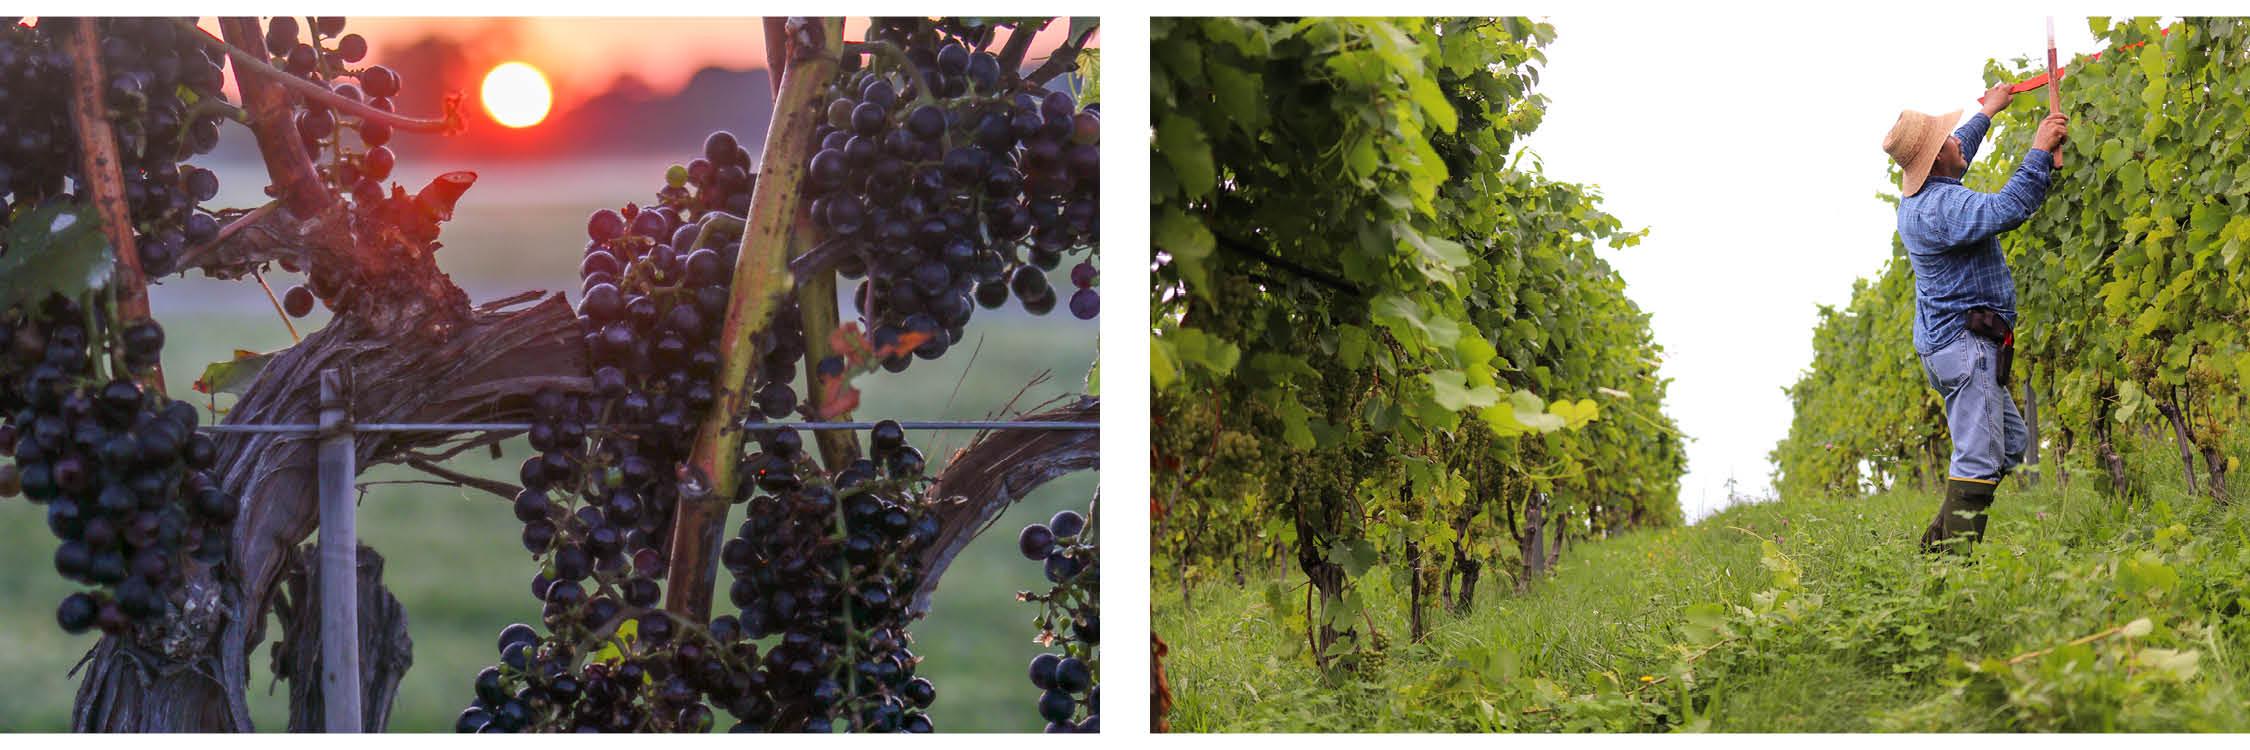 Images: Virginia Wine